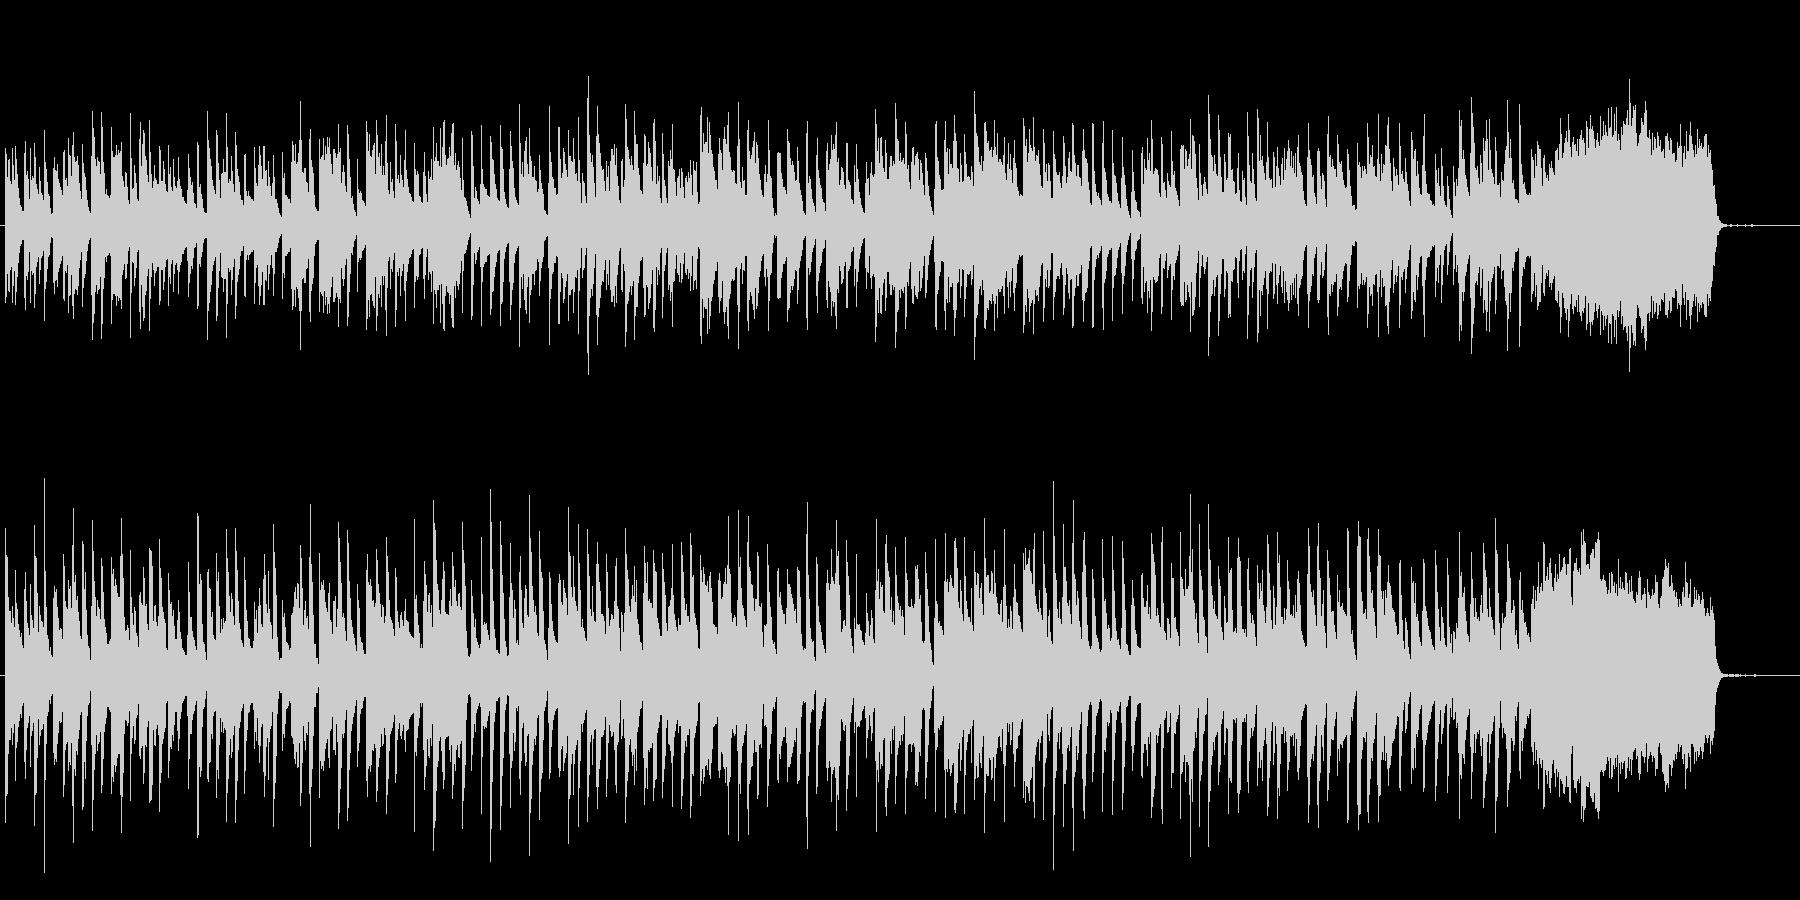 バッハ チェンバロ協奏曲 アリオーソ の未再生の波形